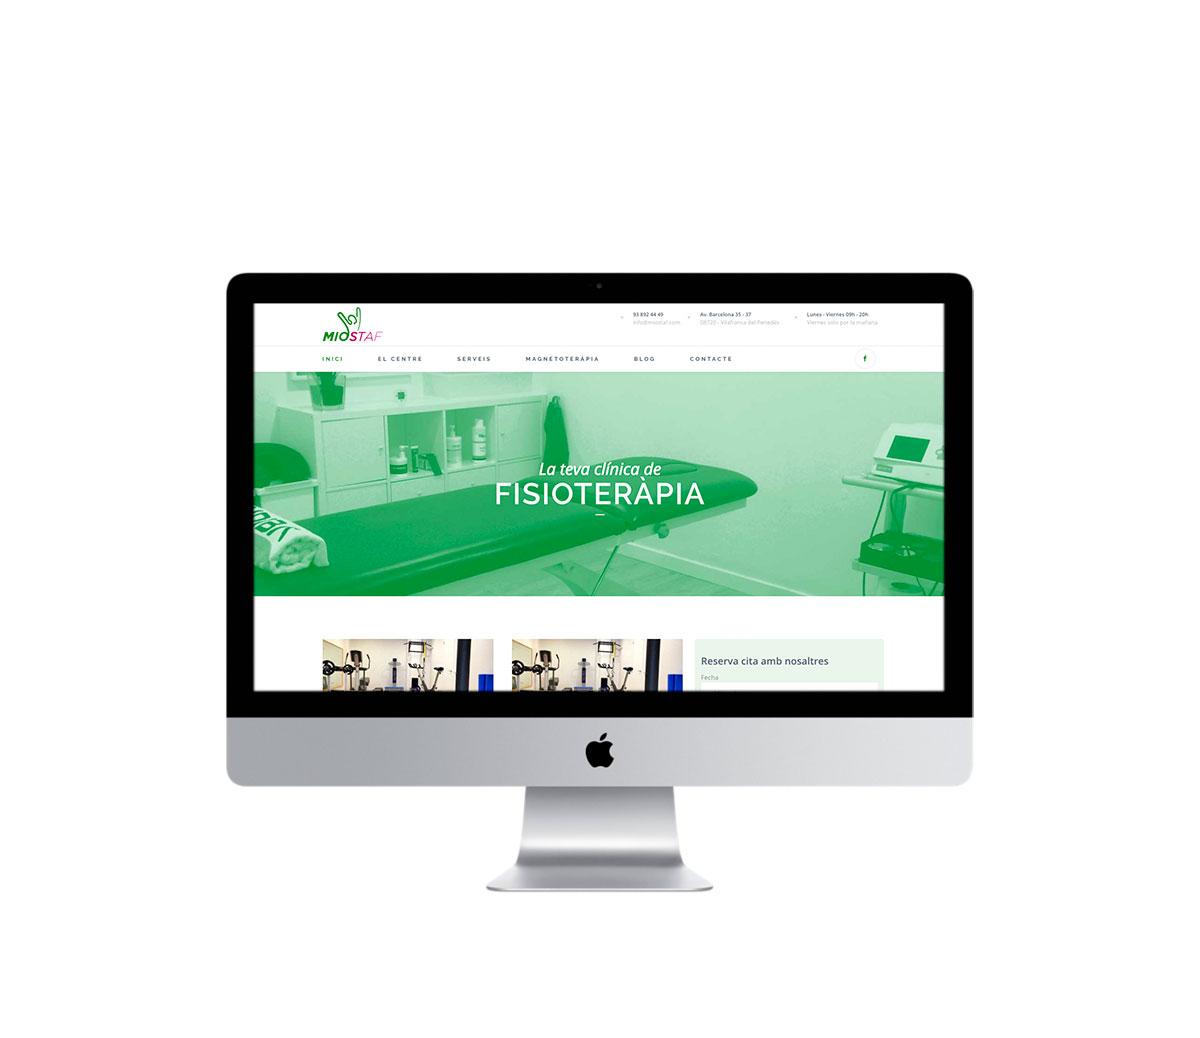 Nueva web en Miostaf